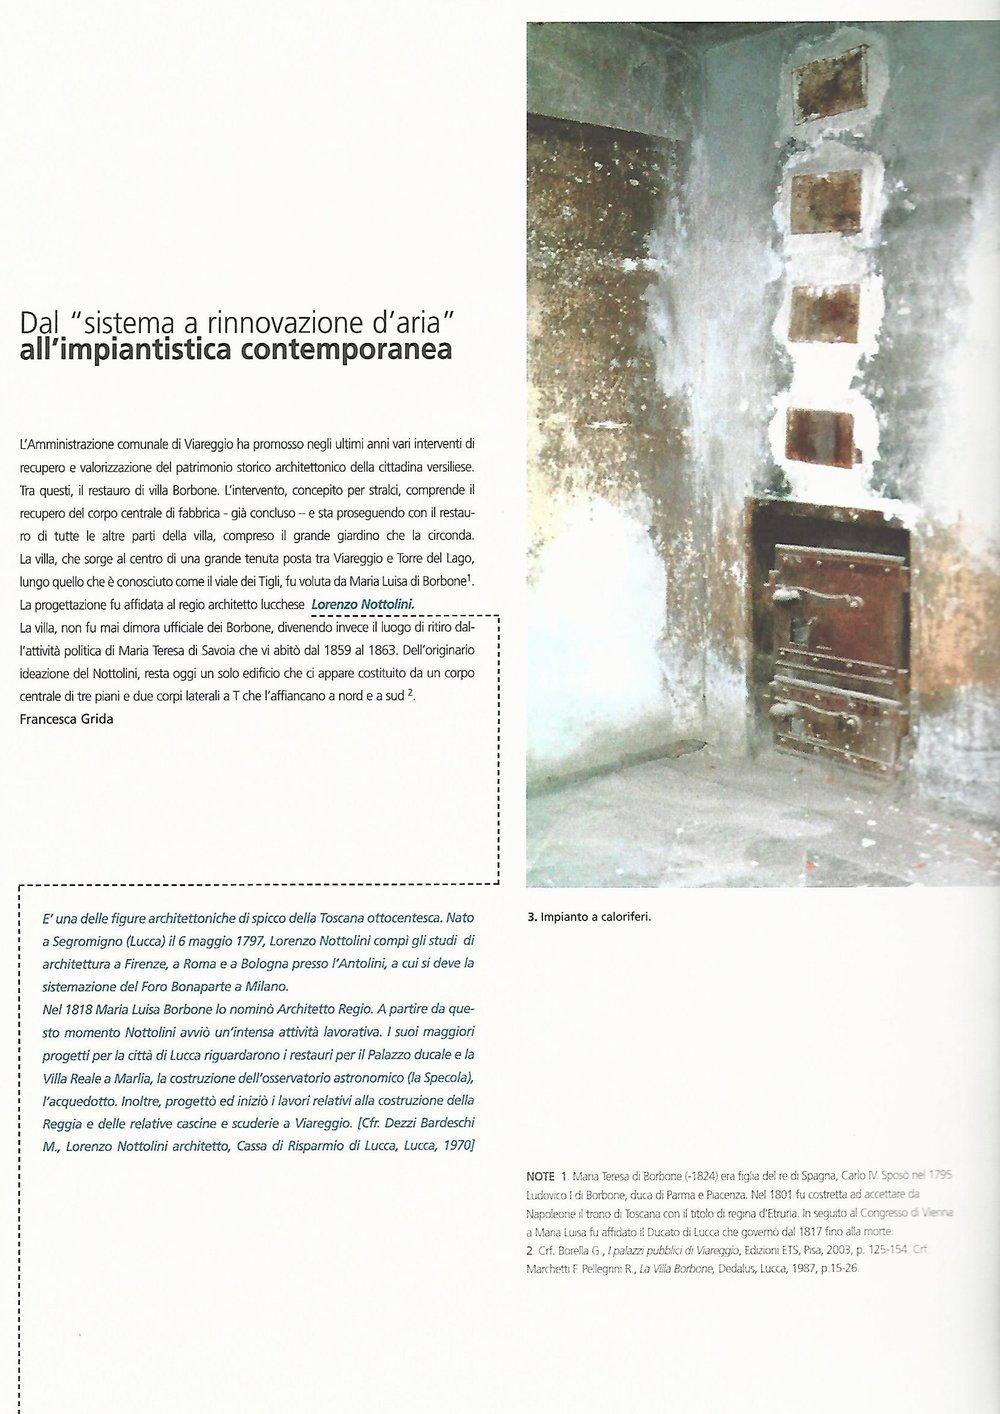 Impianti su Impianti_Pagina_2.jpg